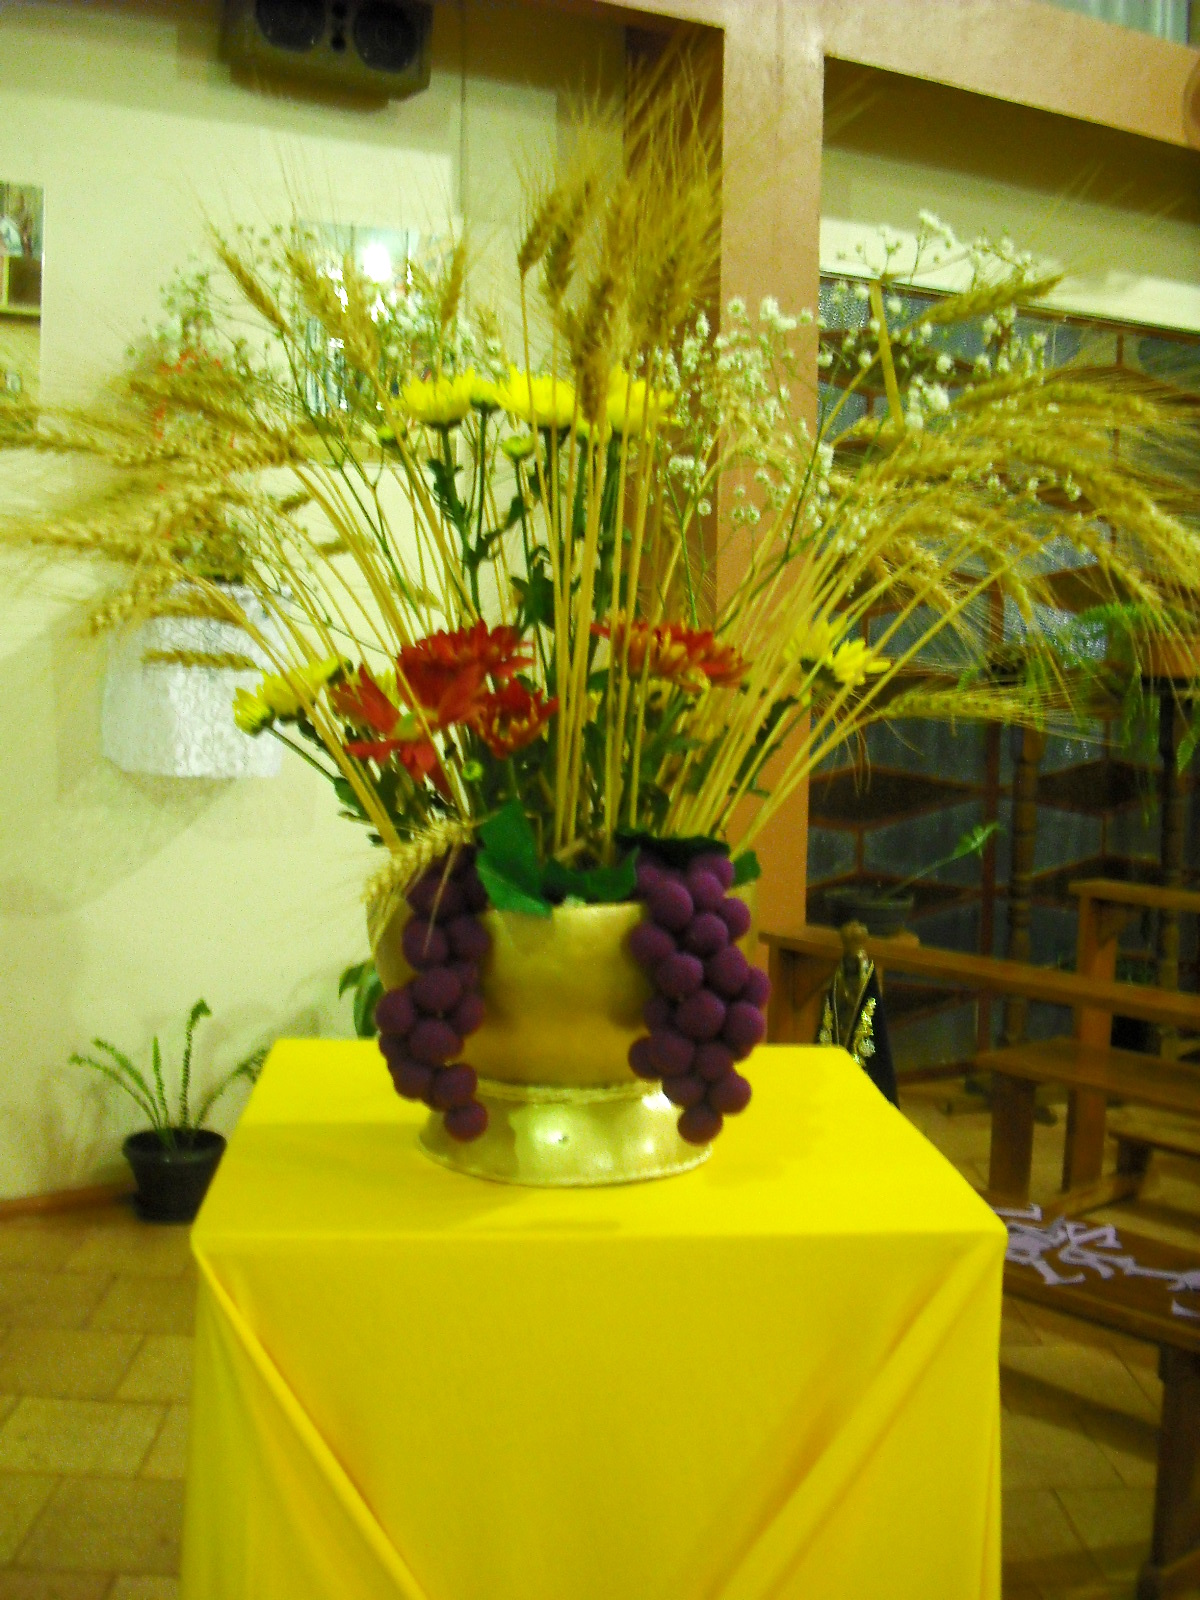 CASA'ART DECORA u00c7ÃO PRIMEIRA COMUNHÃO -> Decoração Primeira Comunhão Igreja